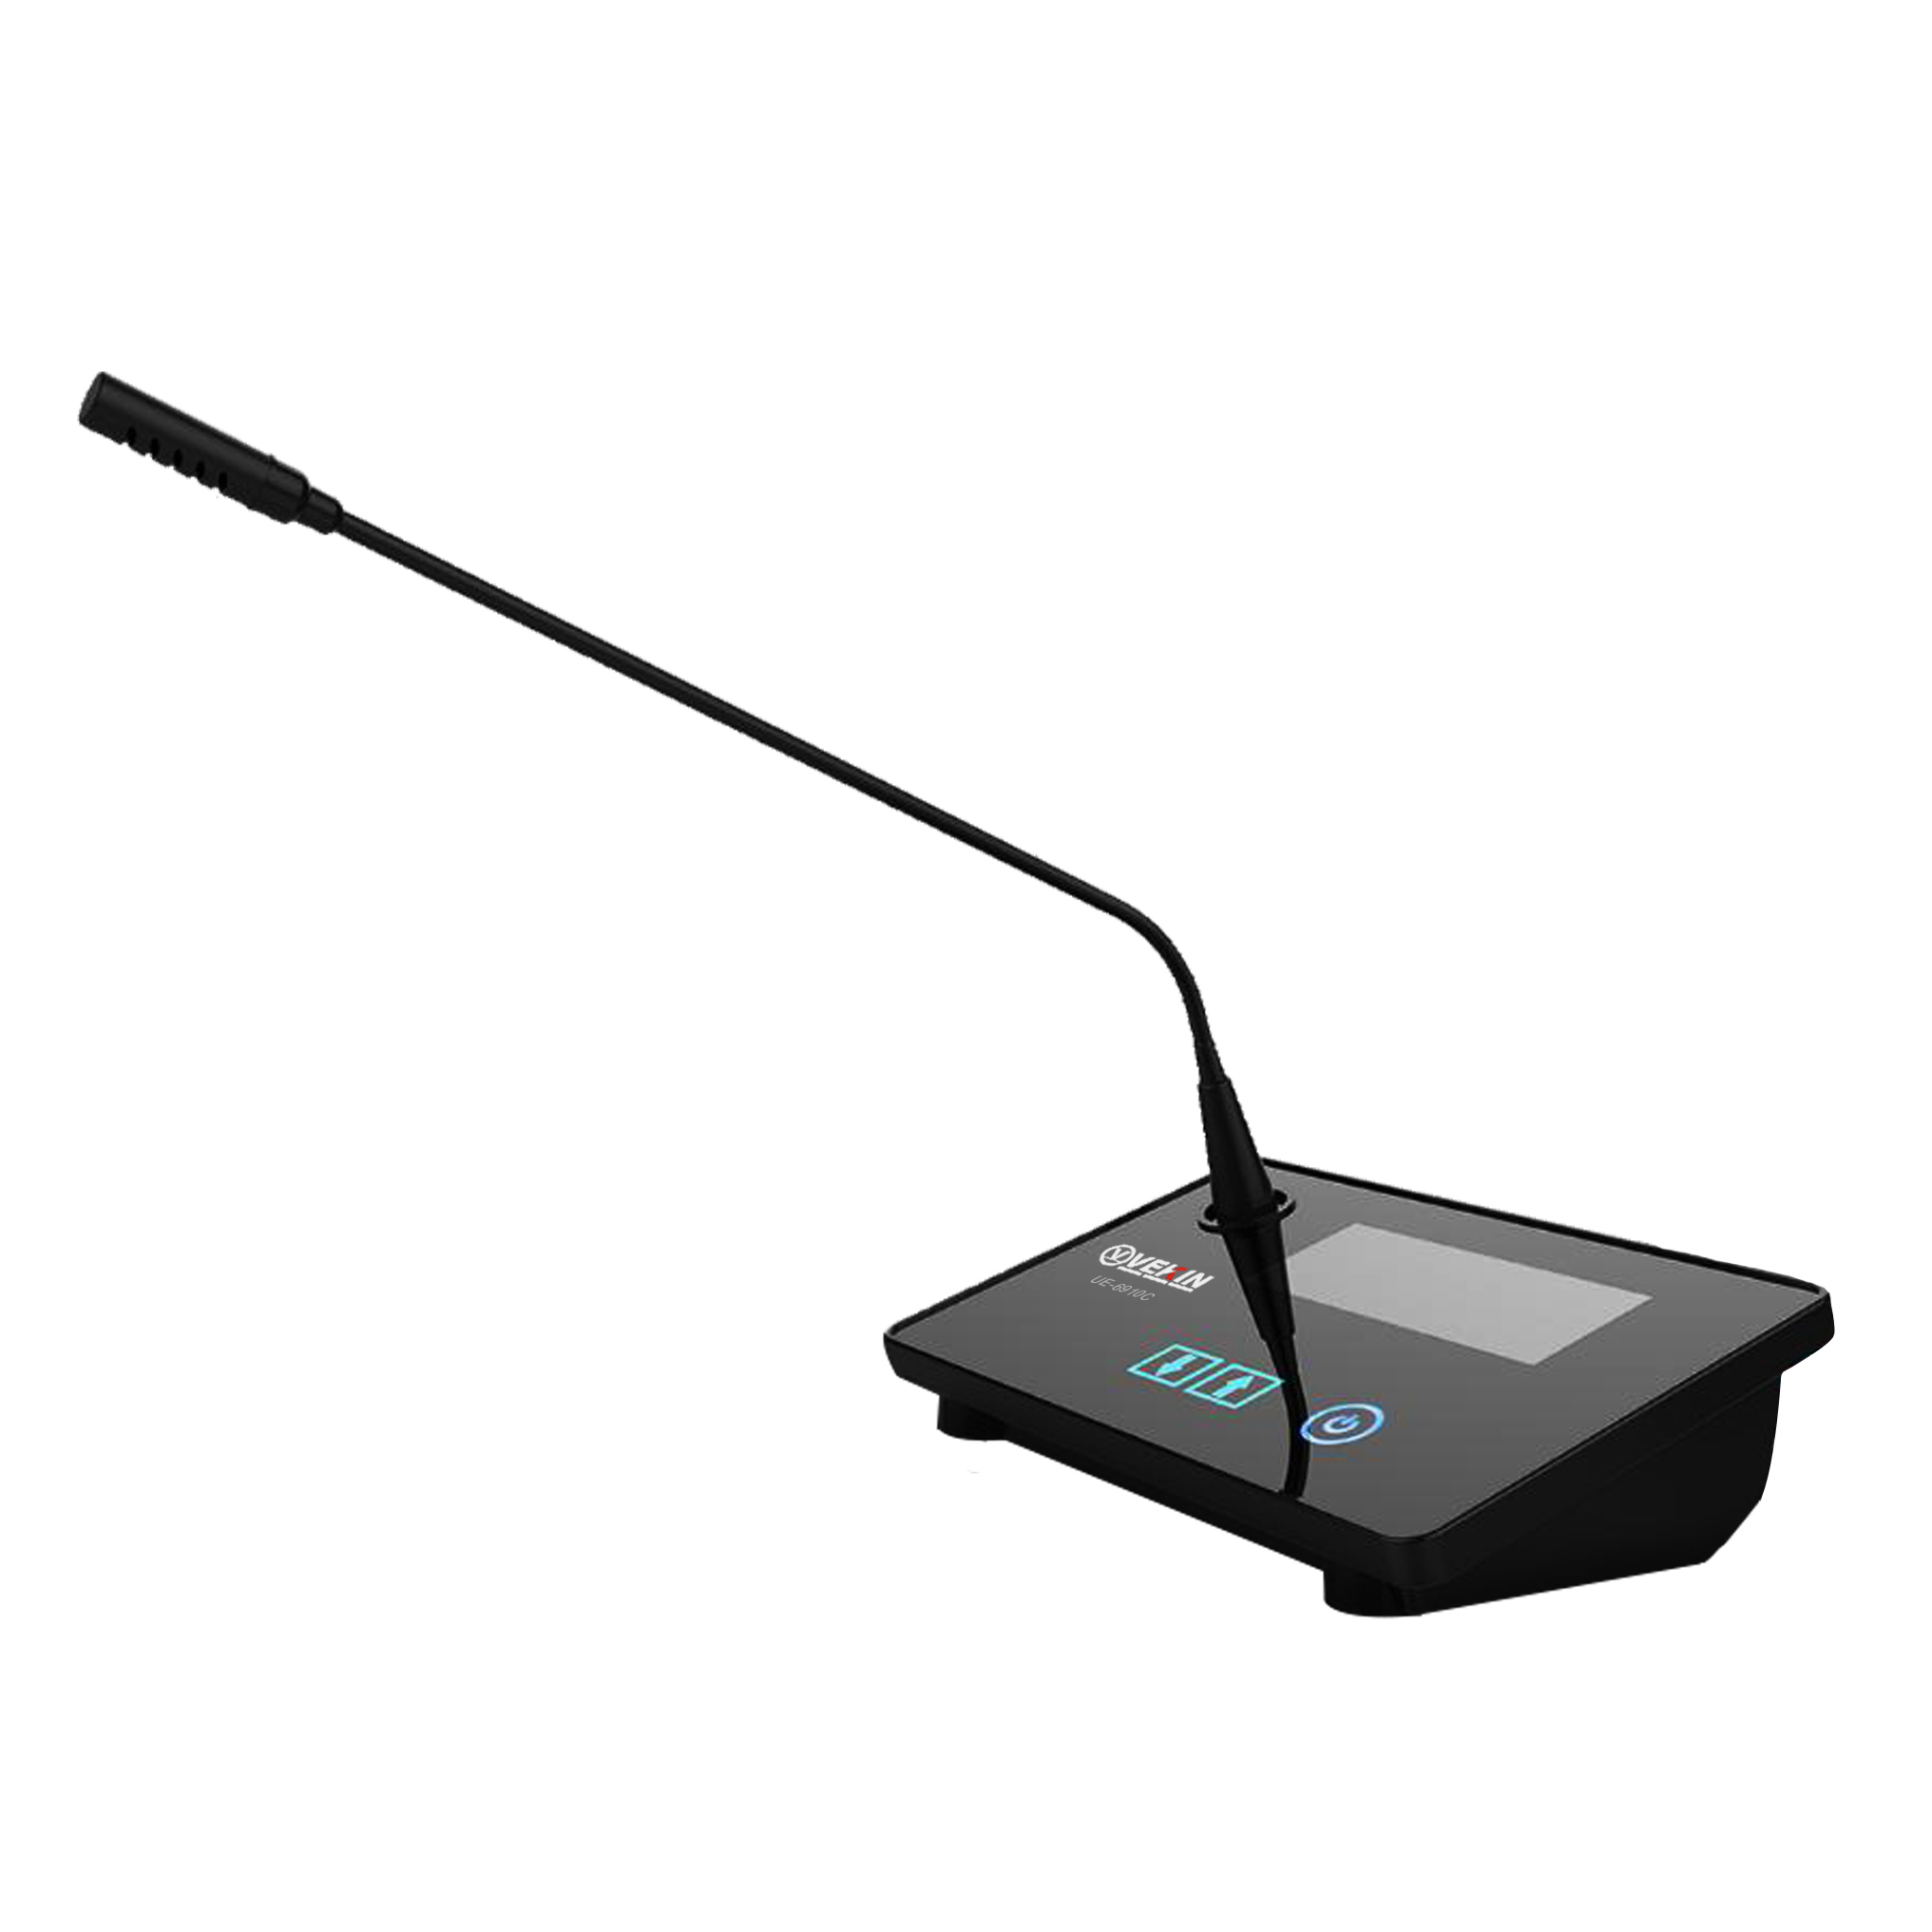 全触控式无线手拉手会议麦克风 UE-6910C